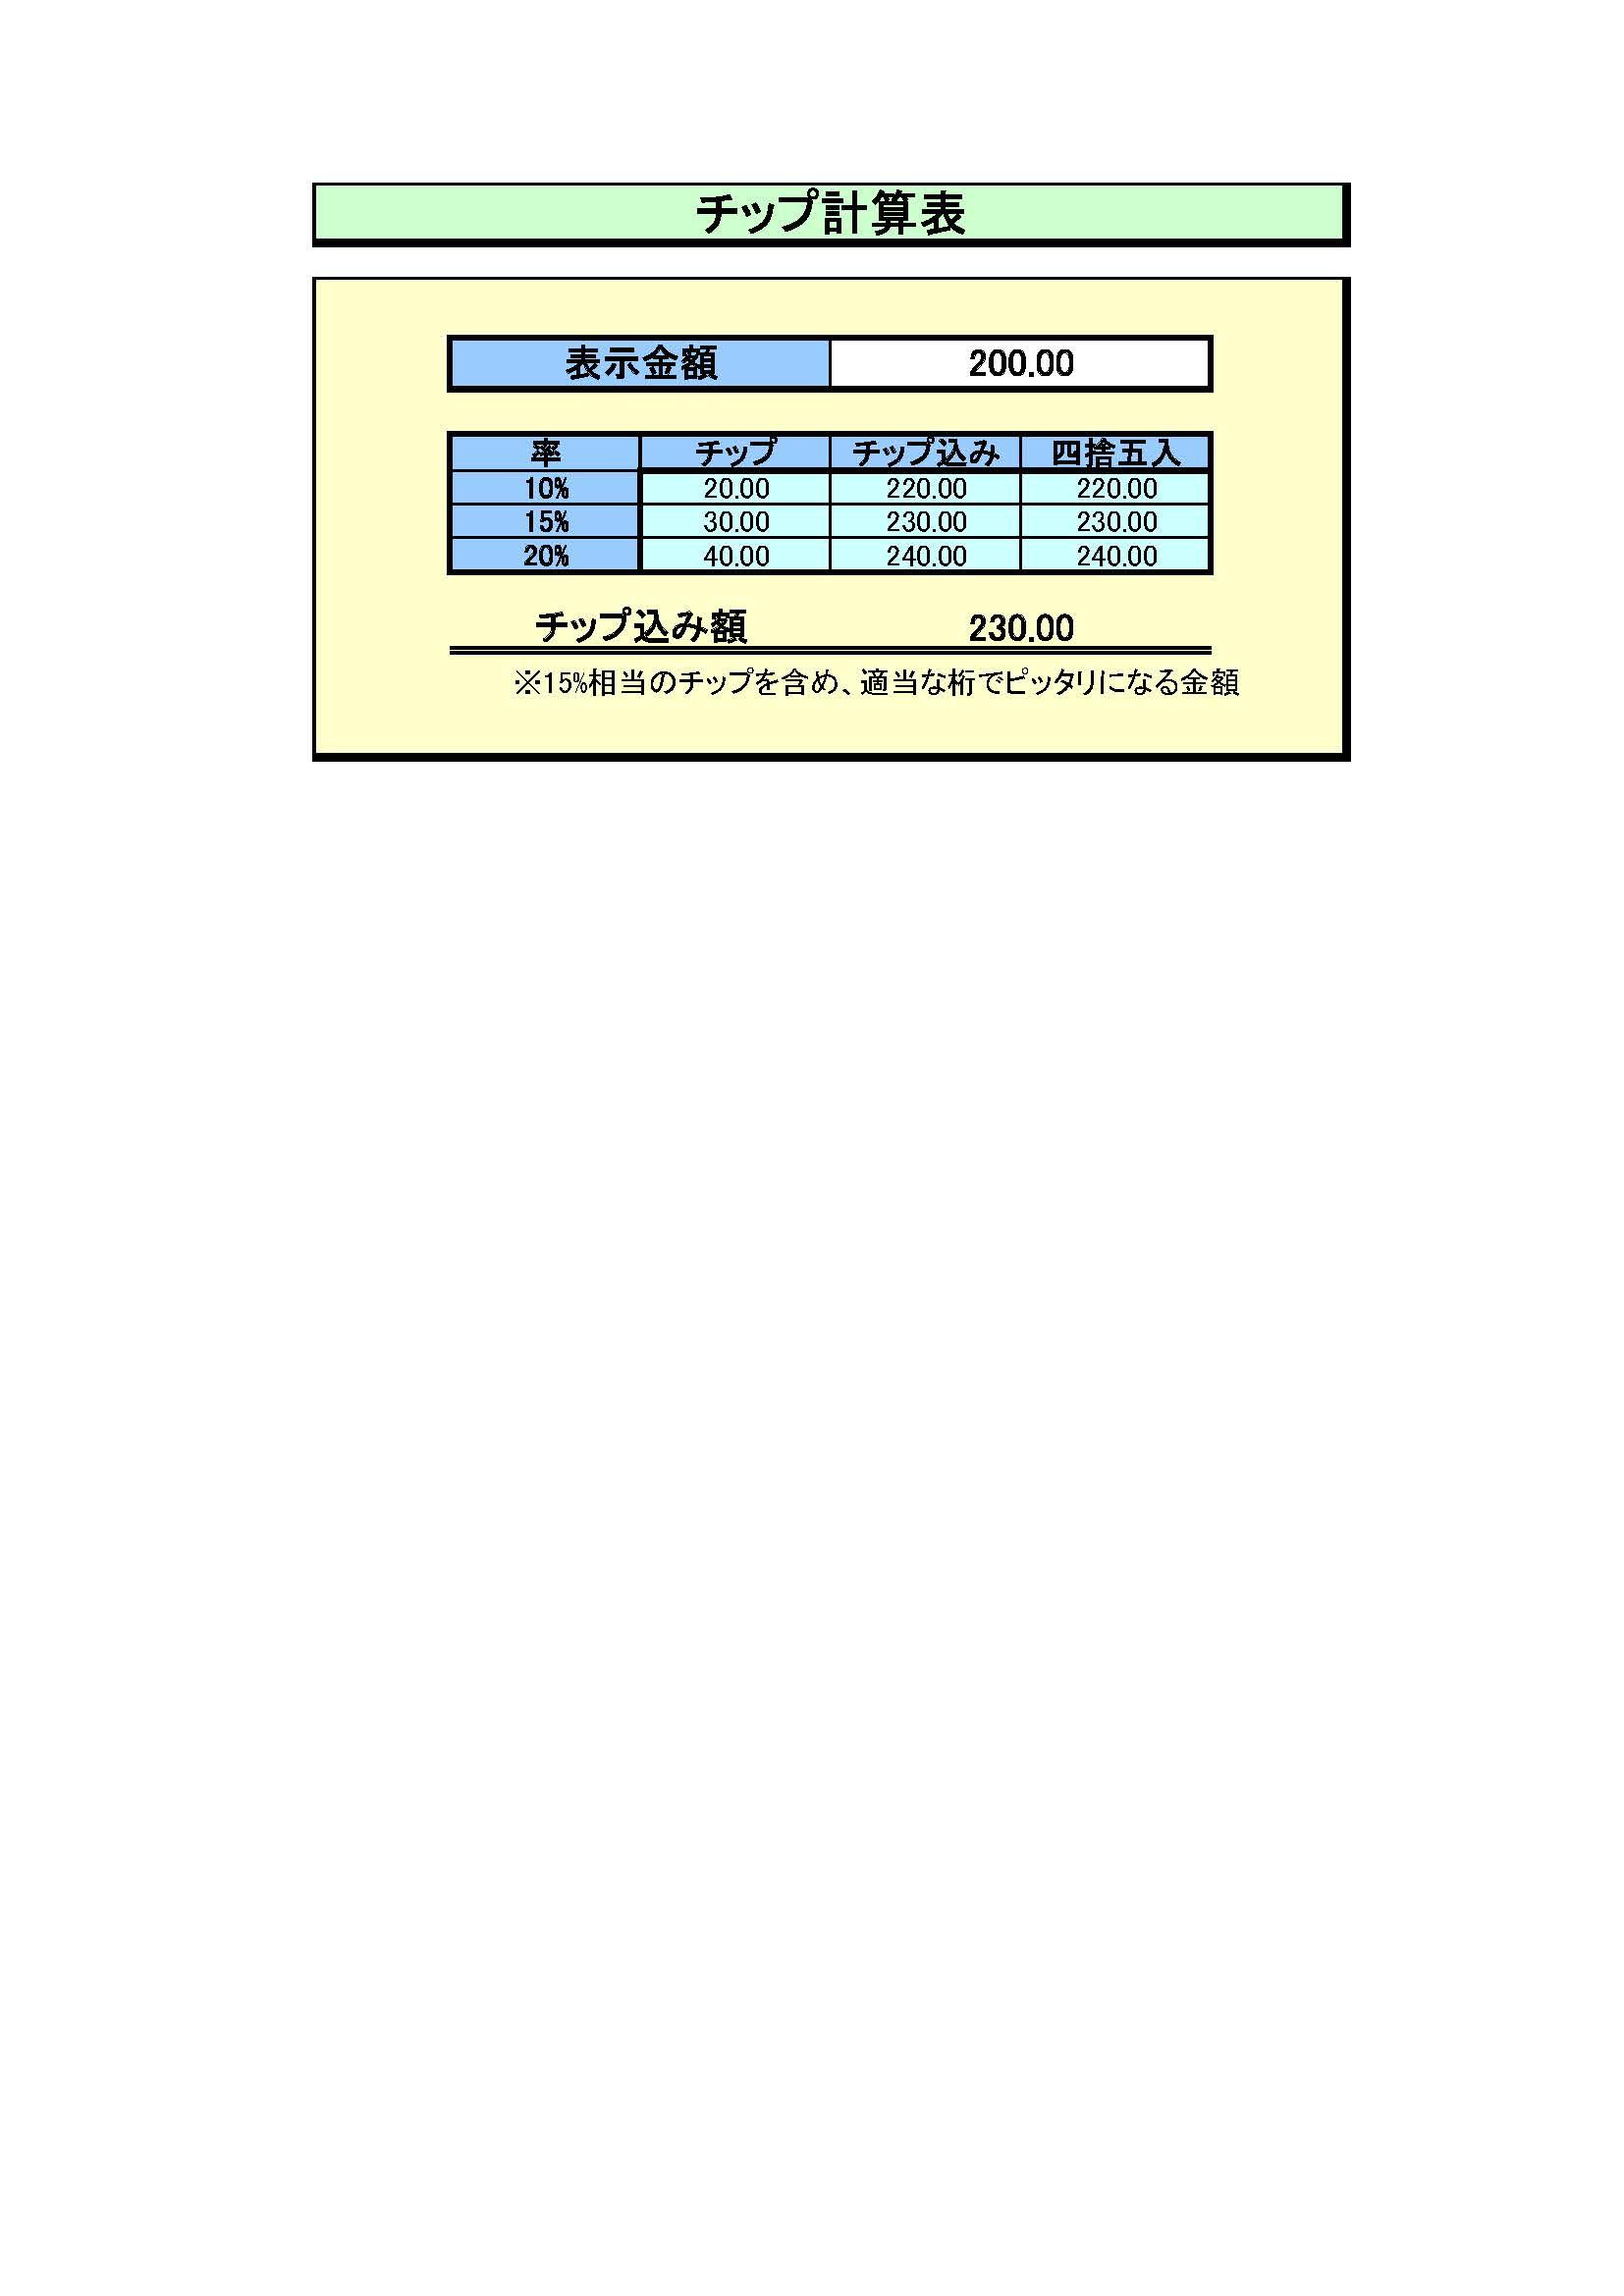 304チップ計算早見表 クラウド円簿